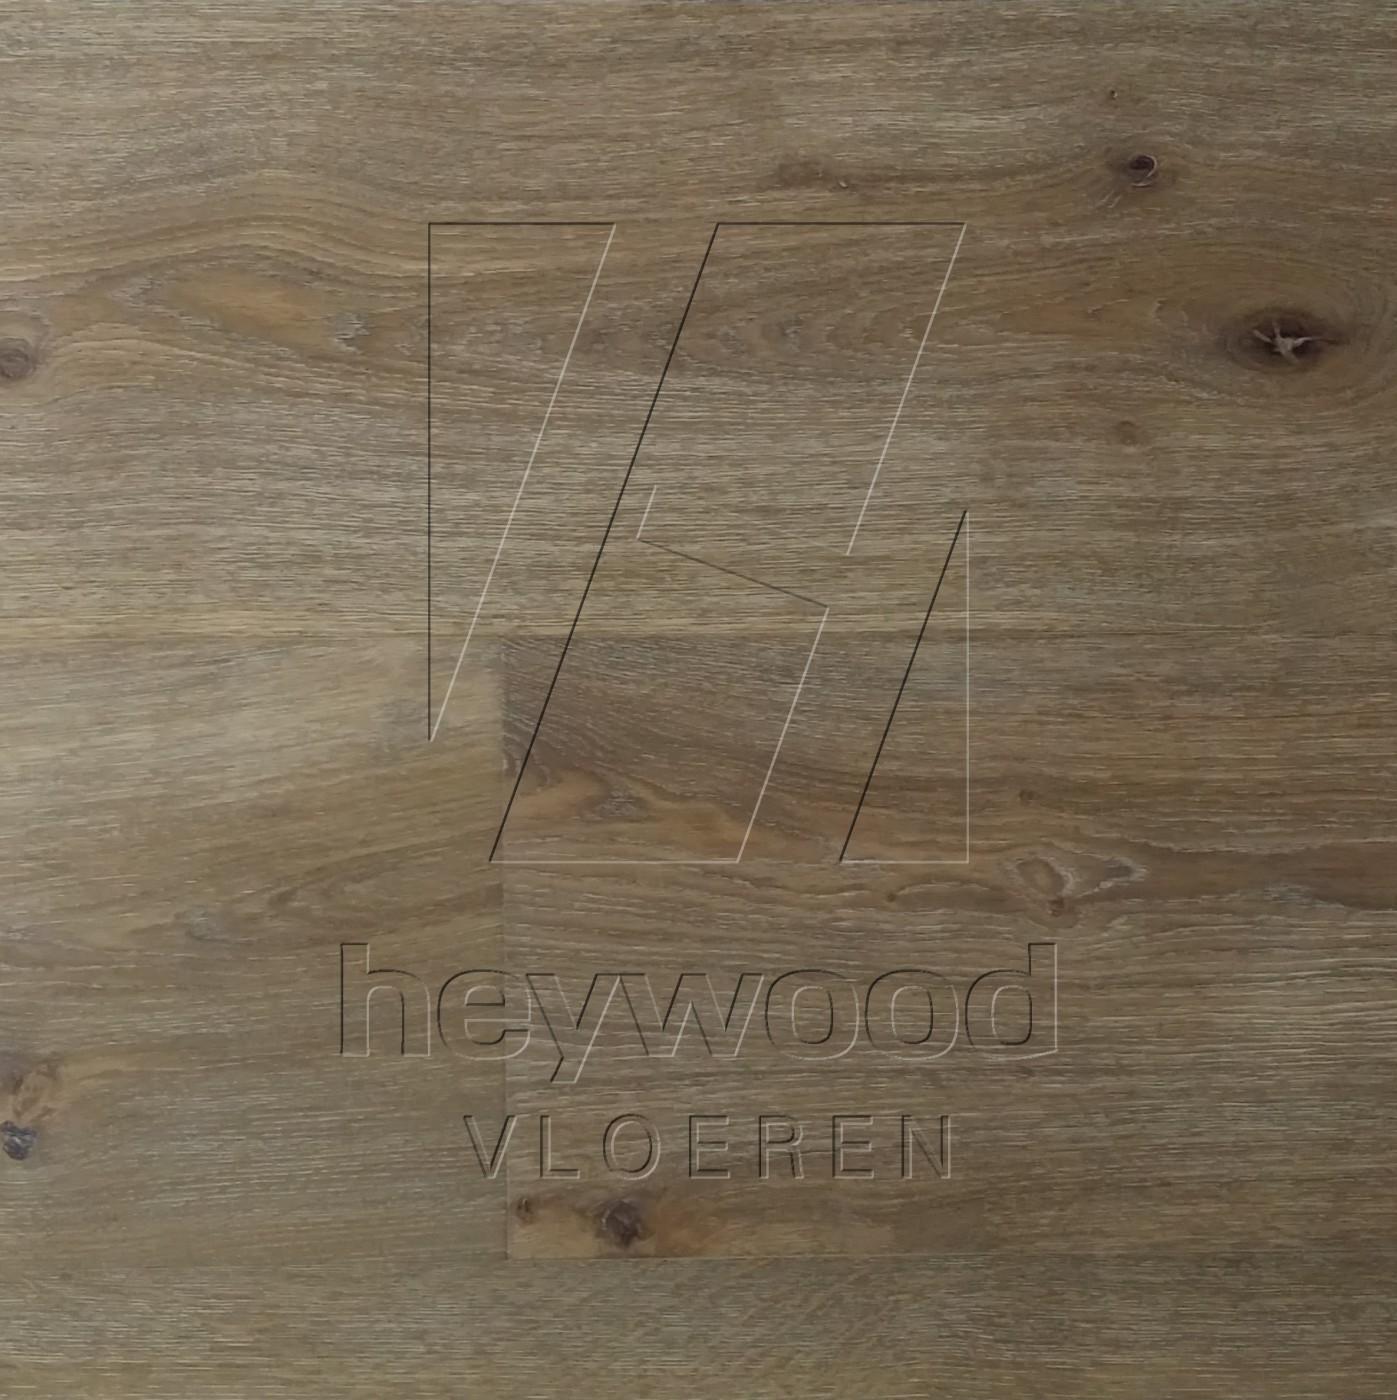 Lisbon in European Oak Character of Bespoke Wooden Floors